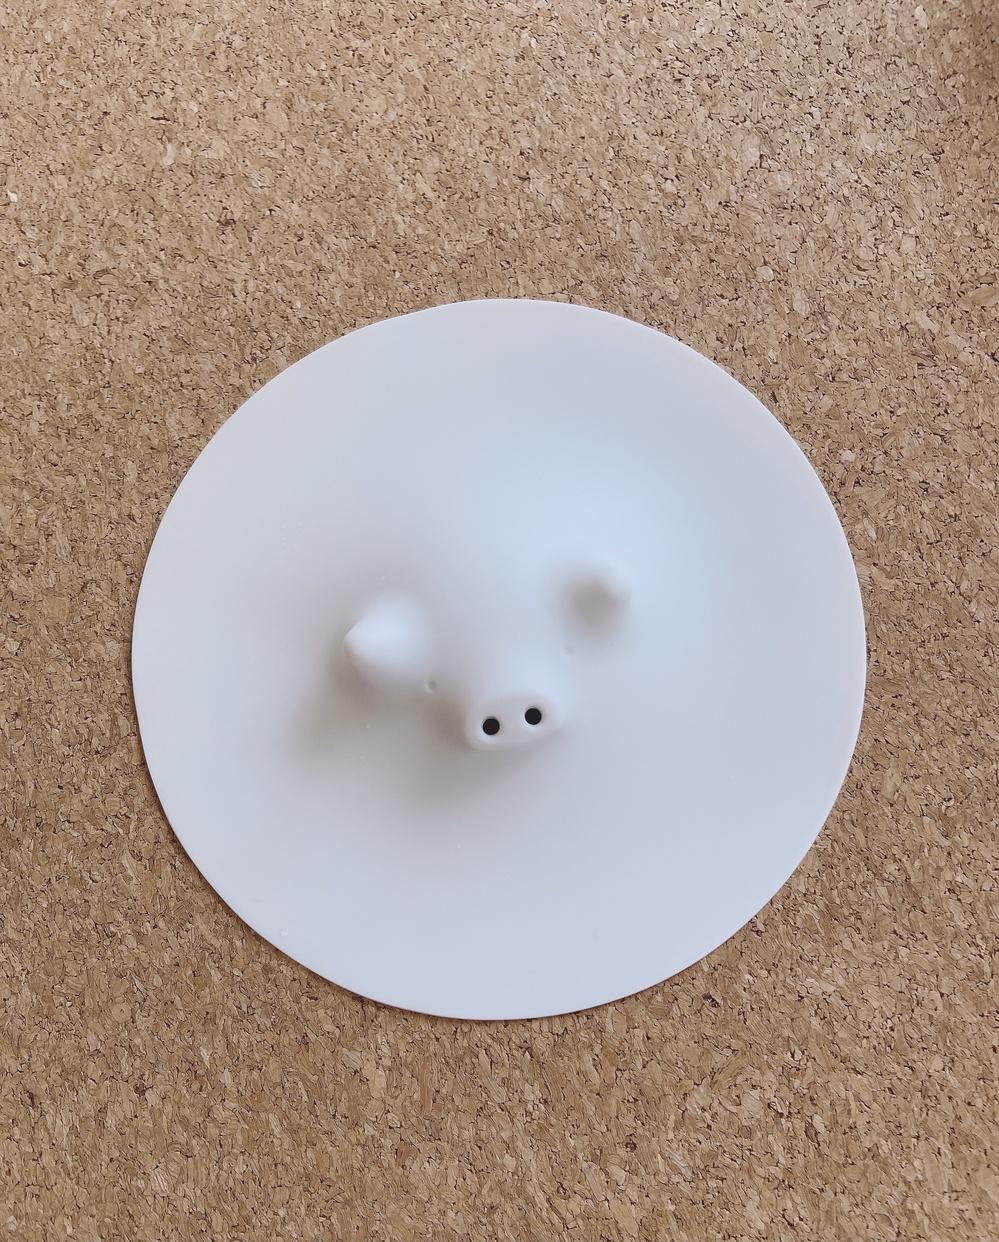 MARNA(マーナ)コブタの落としぶた ホワイト K091を使ったfumikaさんのクチコミ画像4